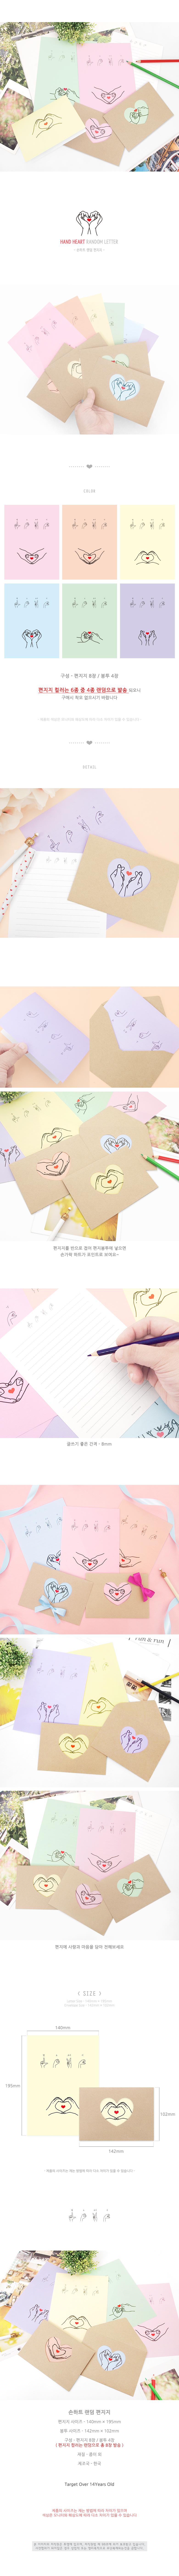 손하트 랜덤 편지지(편지지8장+봉투4장) - 투영, 2,800원, 편지지, 일러스트 편지지